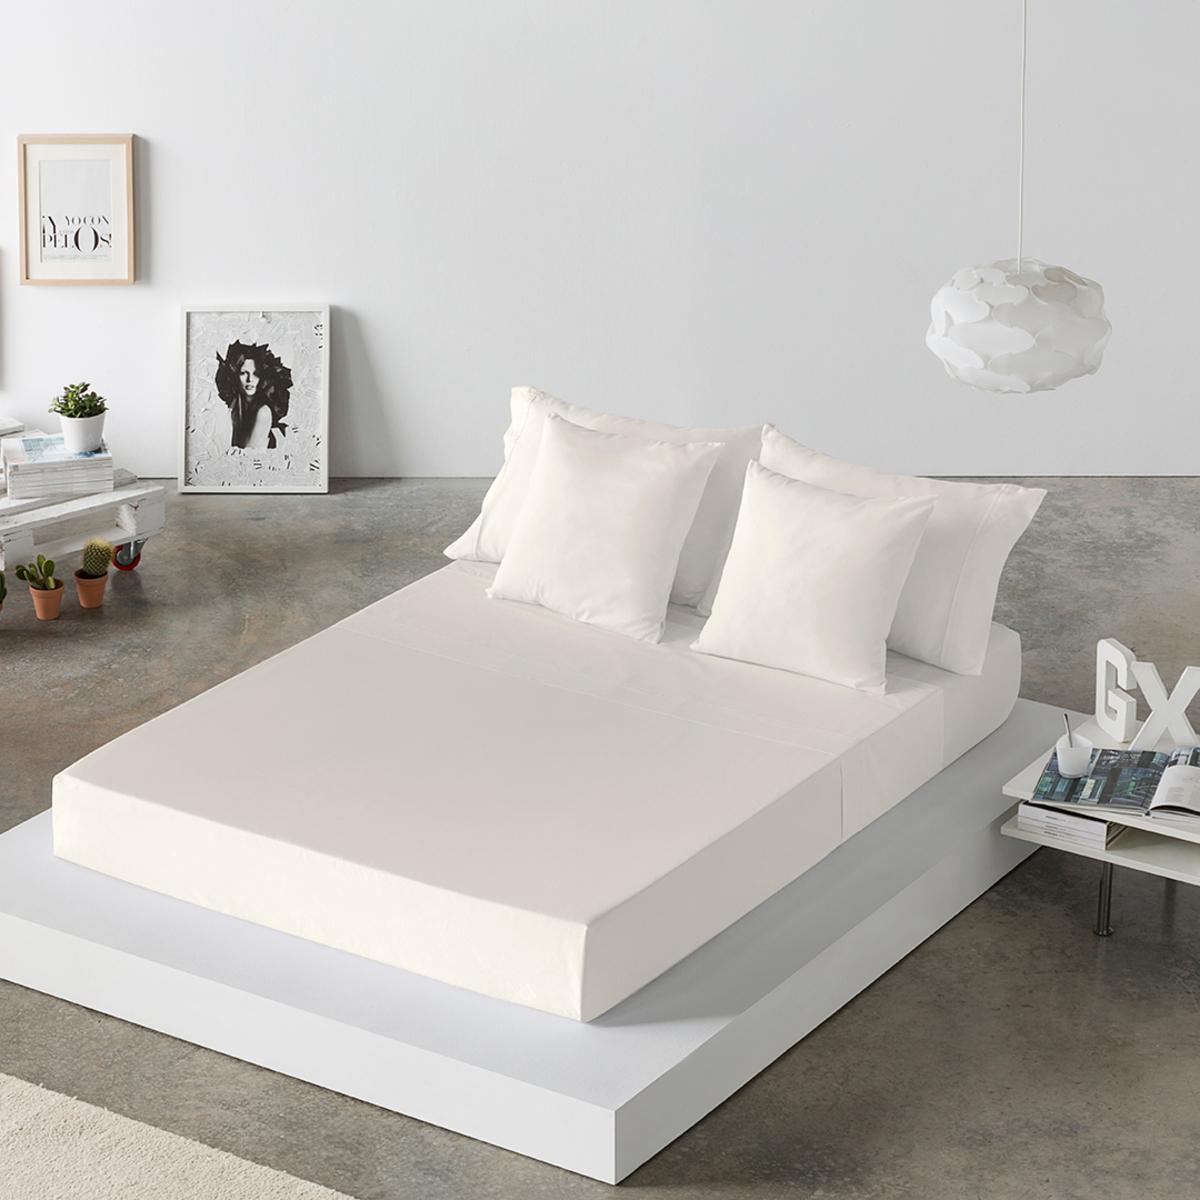 Drap de lit en cotonbeige 250x280